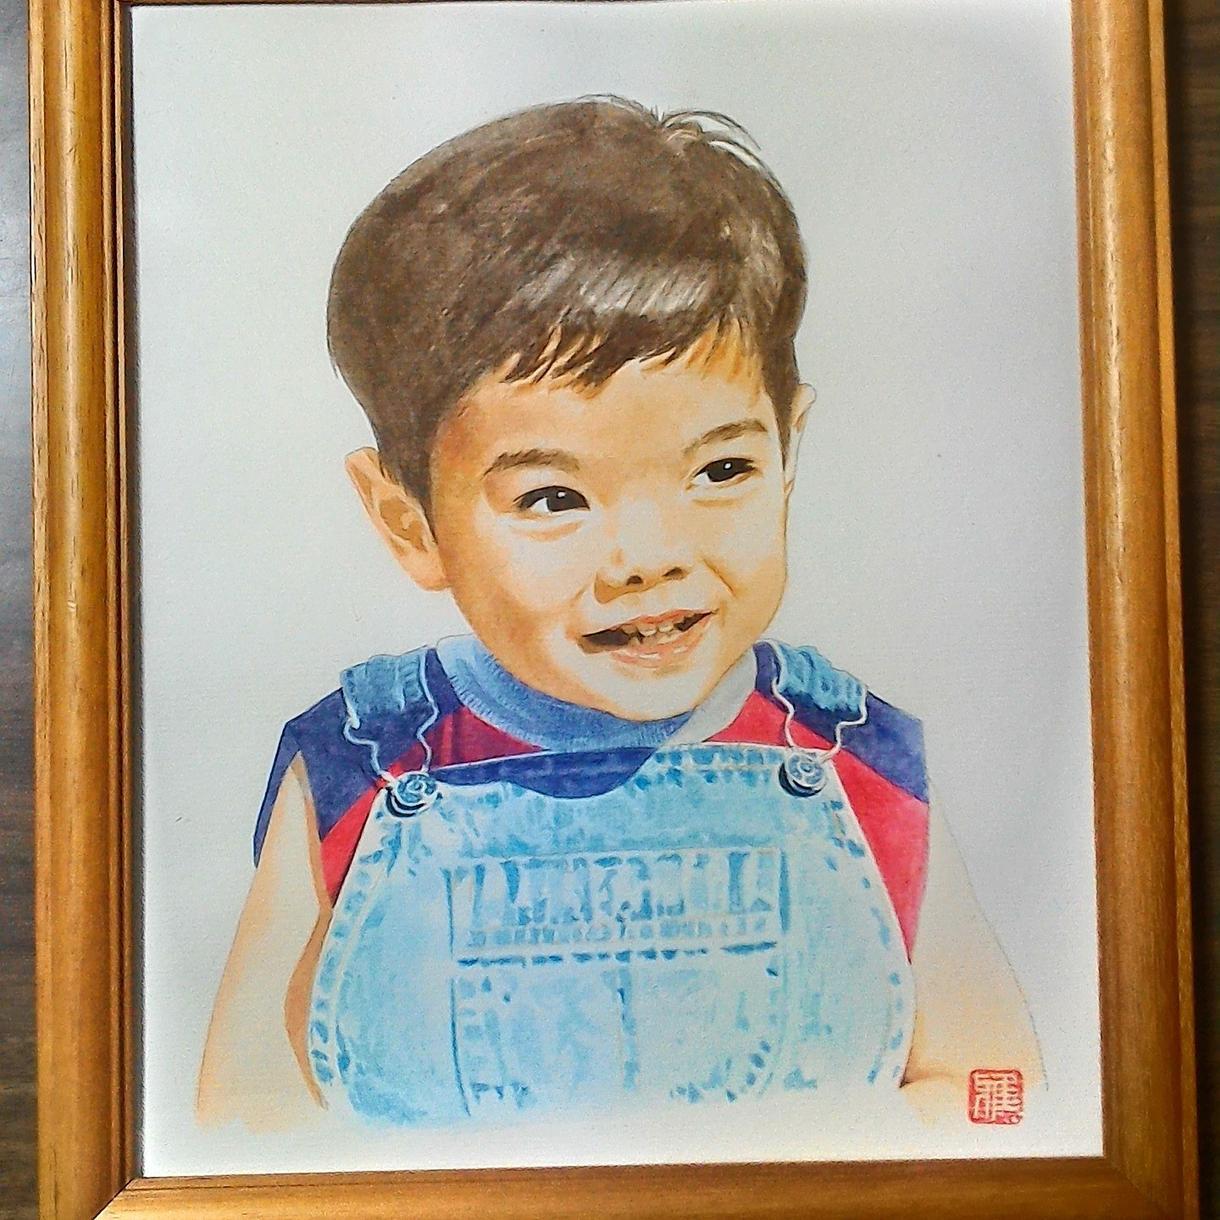 写真をもとに人物の似顔絵を描きます 透明水彩絵の具で厚めの水彩紙にポートレートを描きます。 イメージ1